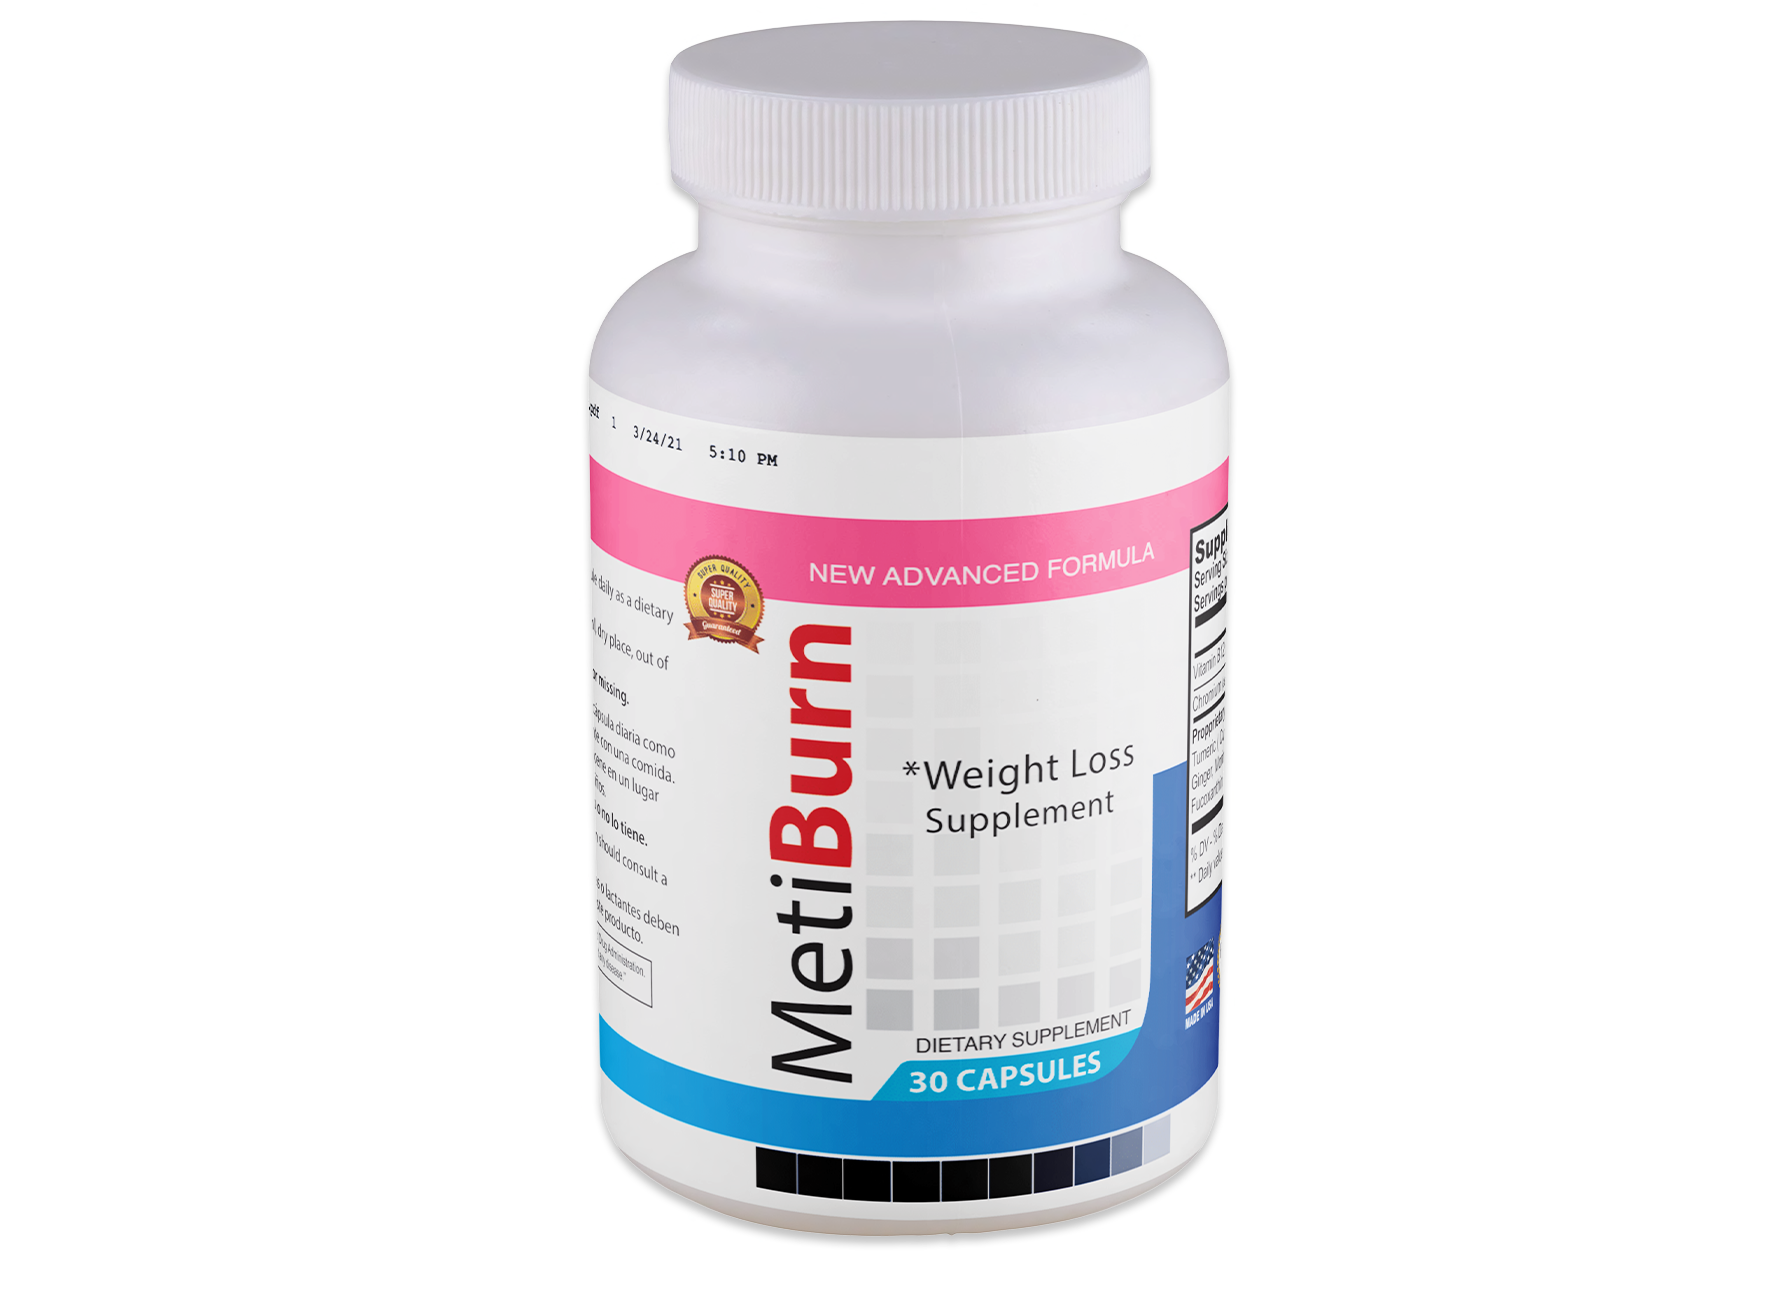 MetiBurn Supplement